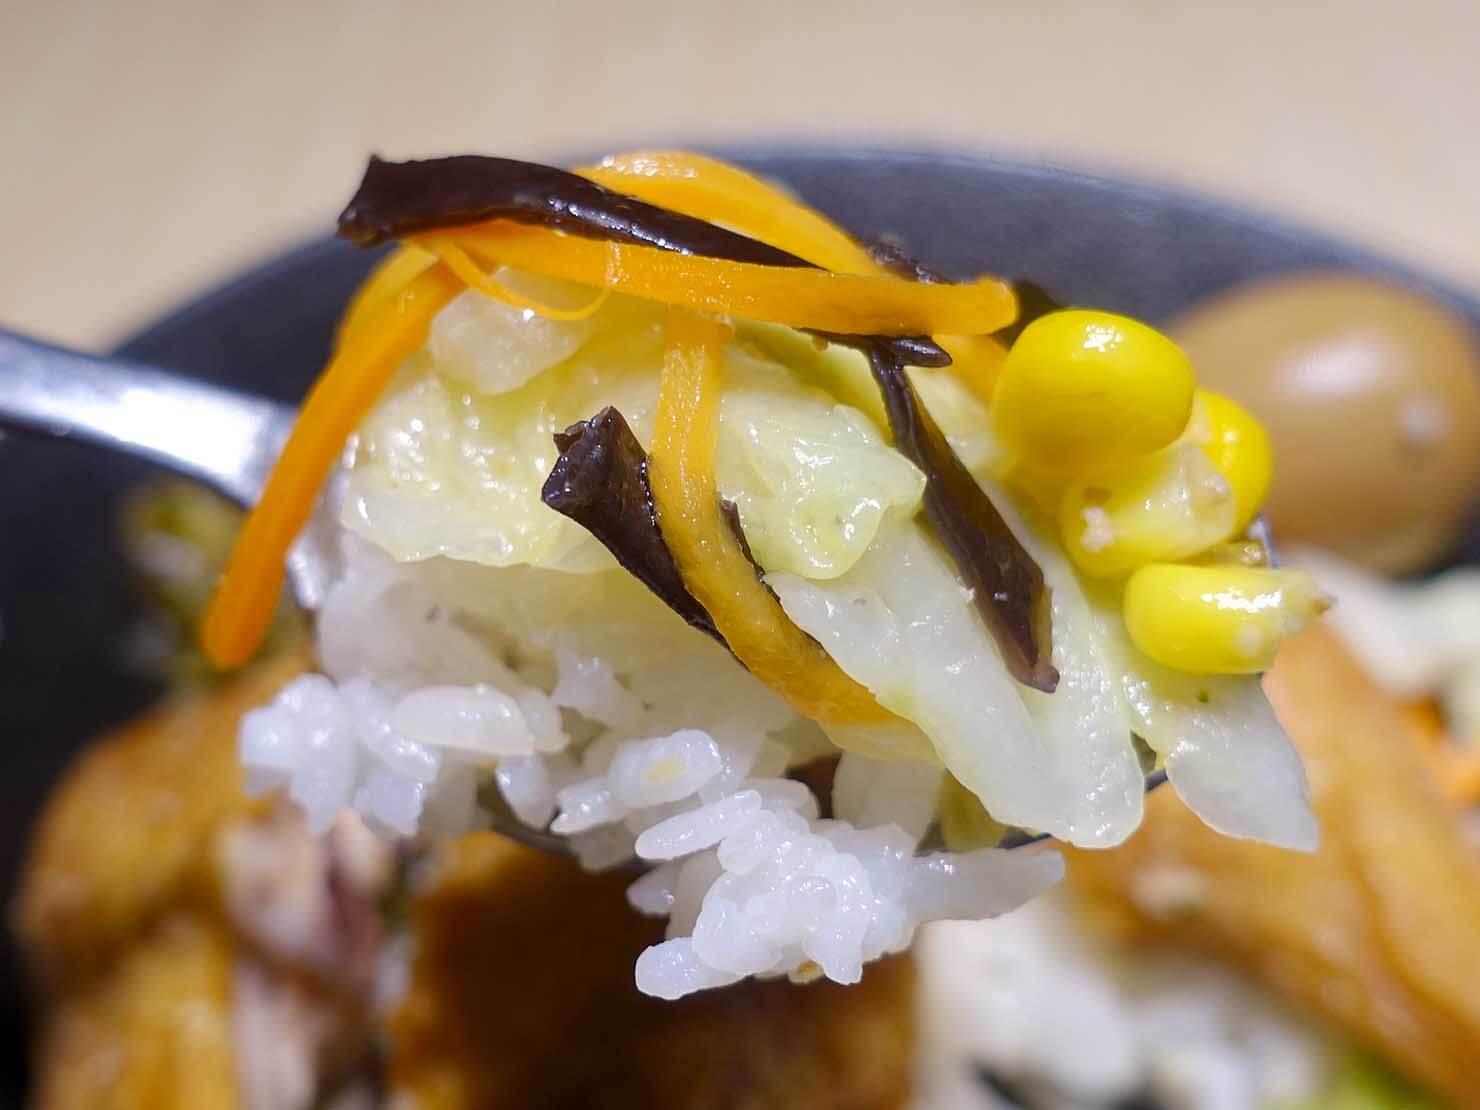 台湾のグルメチェーン店「梁社漢排骨」炸雞腿飯の付け合わせ